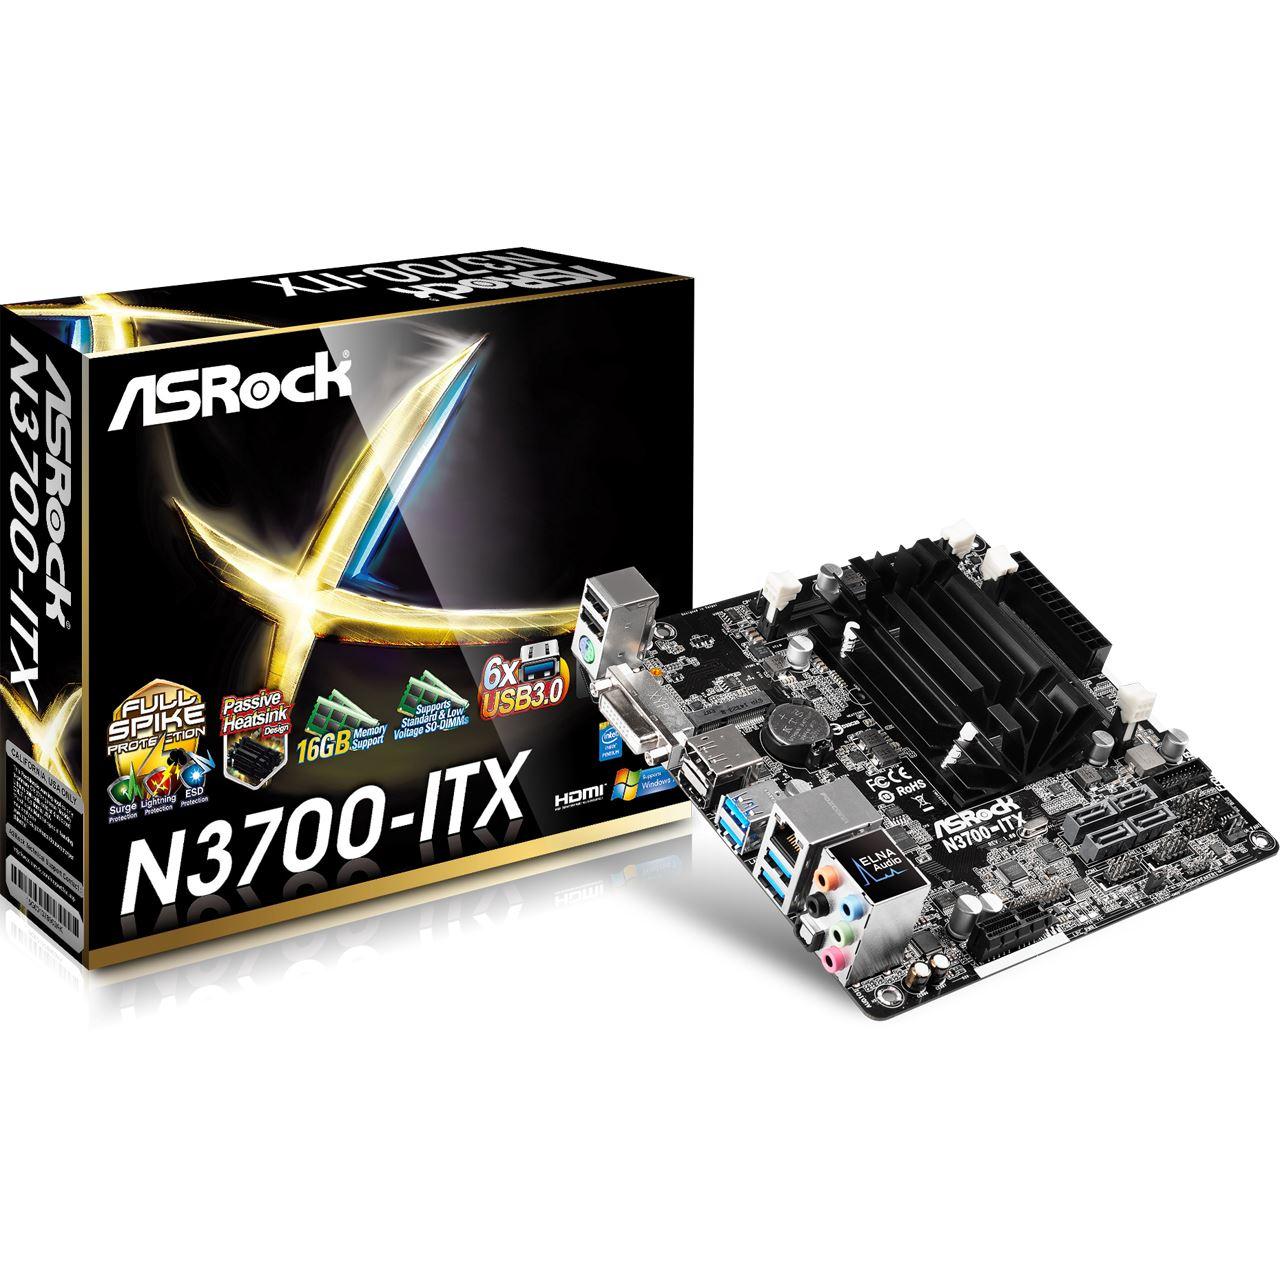 ASRock N3700-ITX SoC So BGA Dual Channel DDR3 Mini-ITX Retail